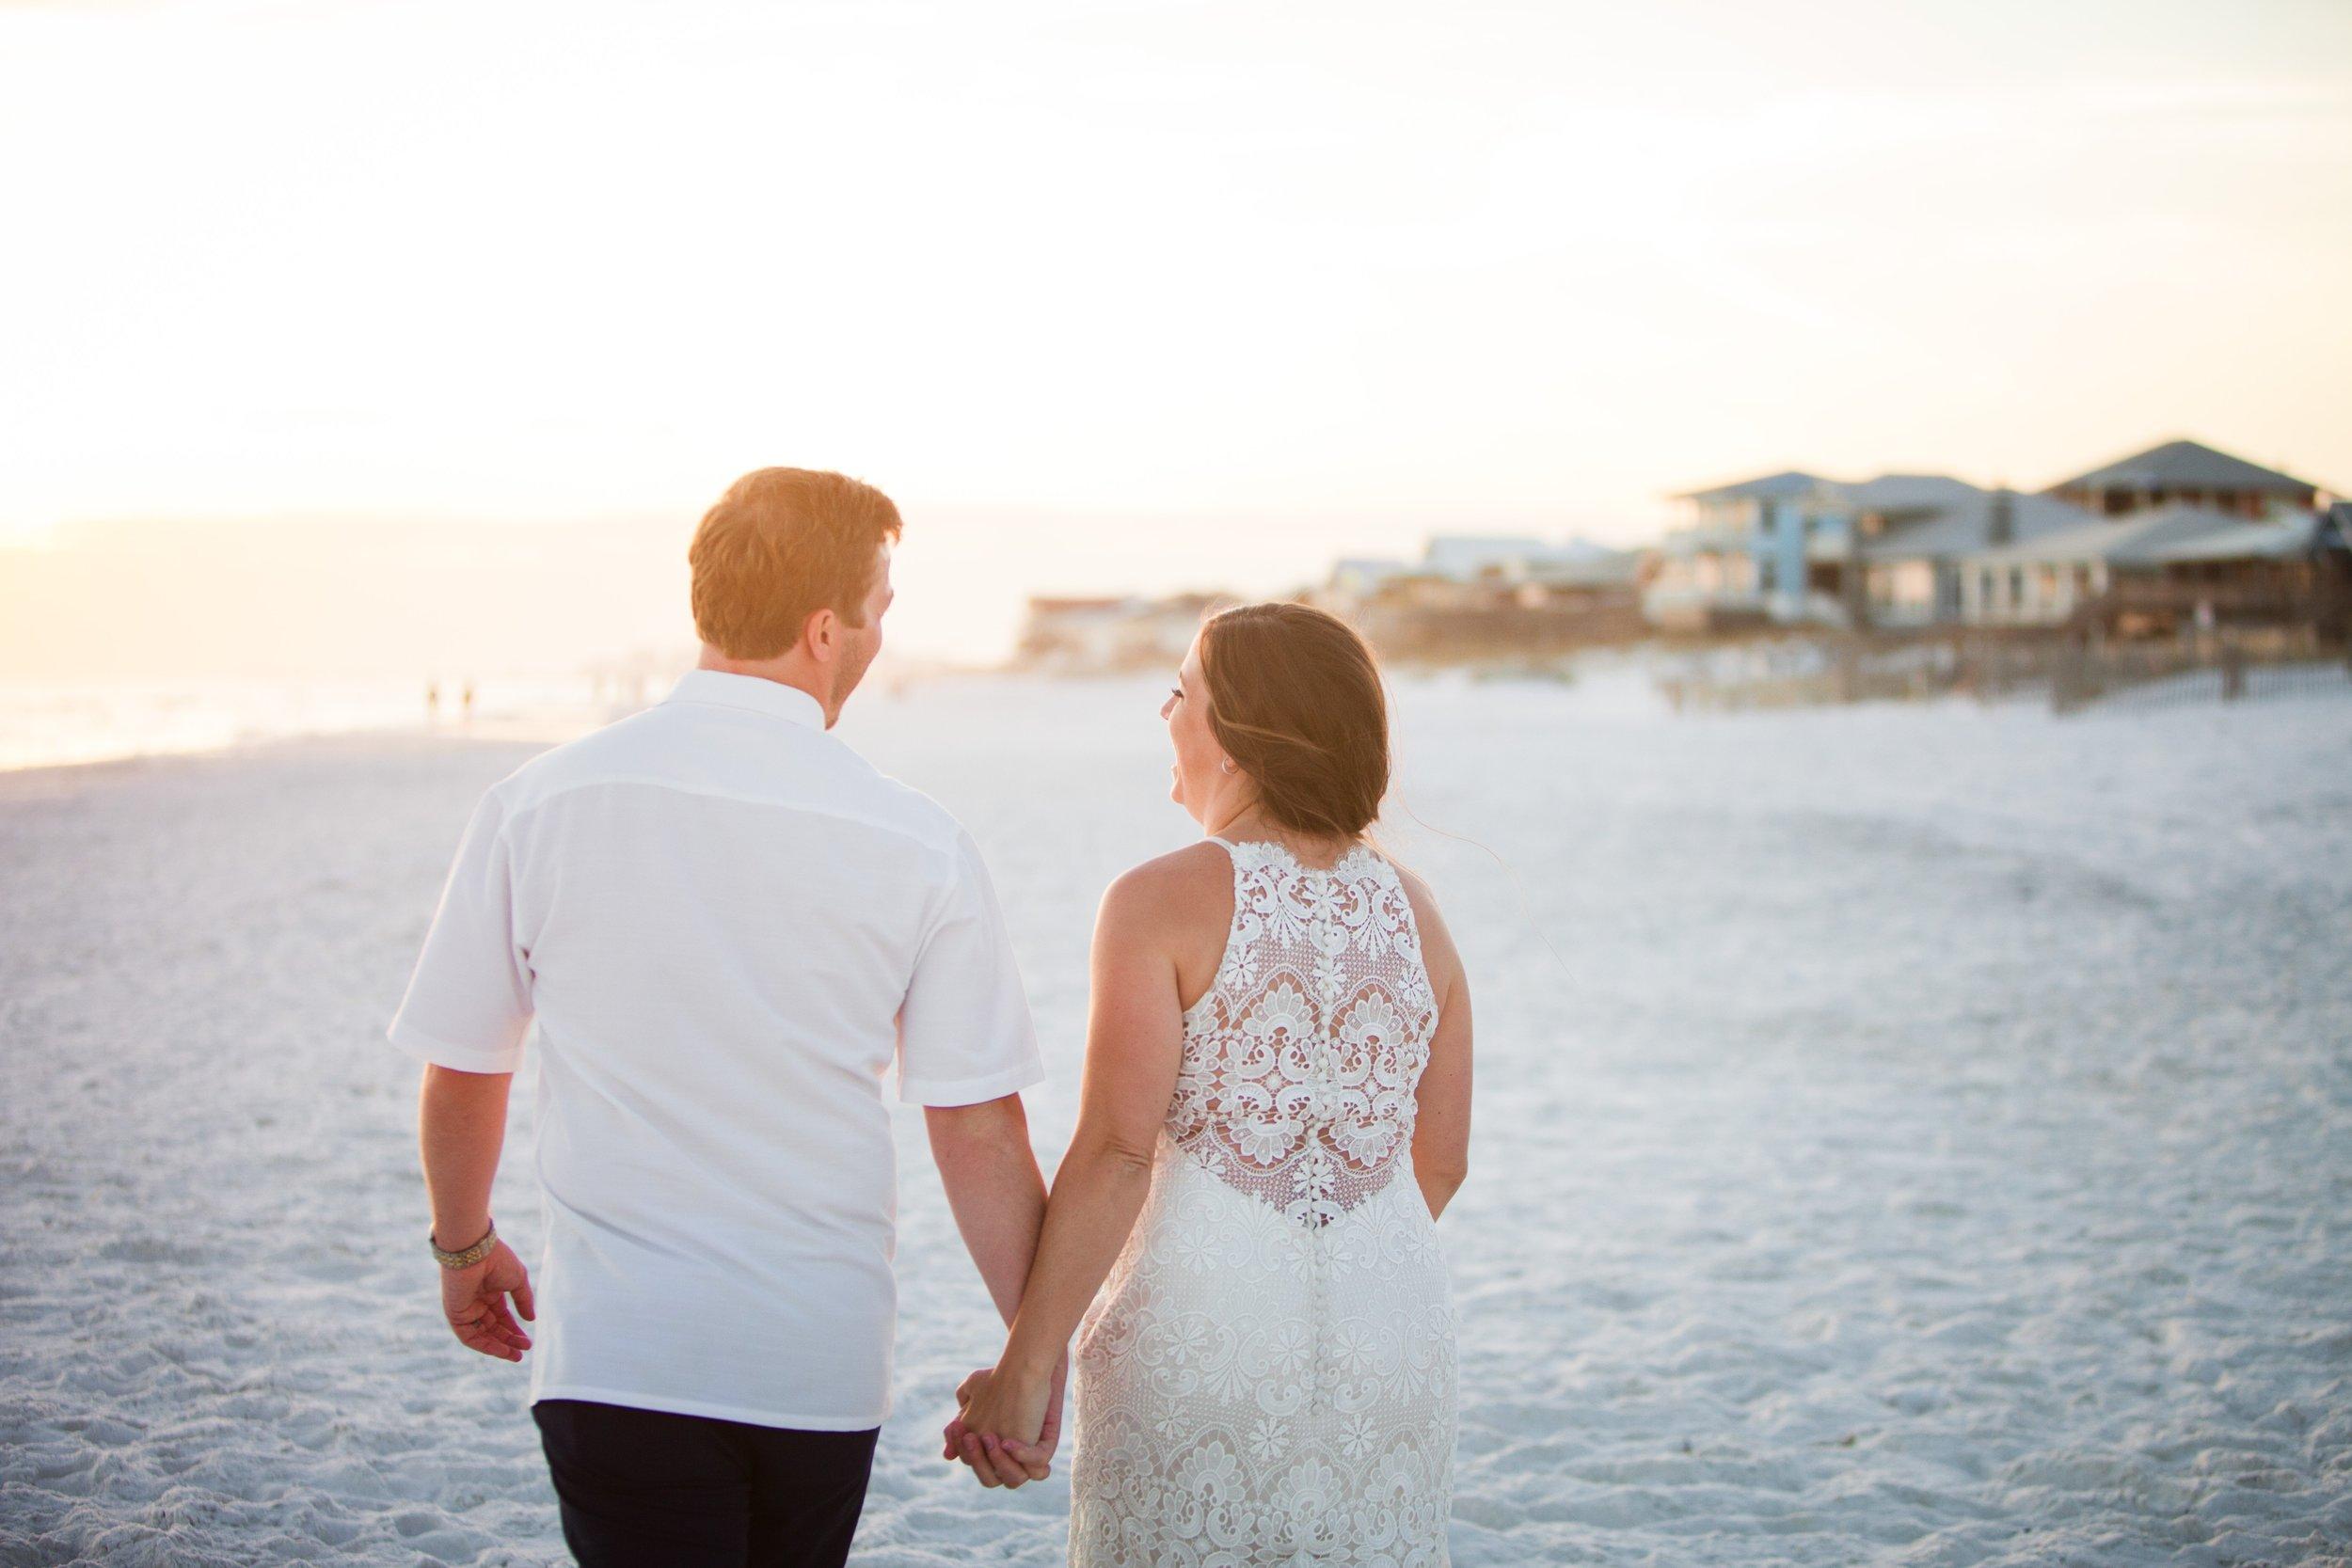 30a-Destin-Florida-Wedding-Photography-Caydee-Matt_0116.jpg